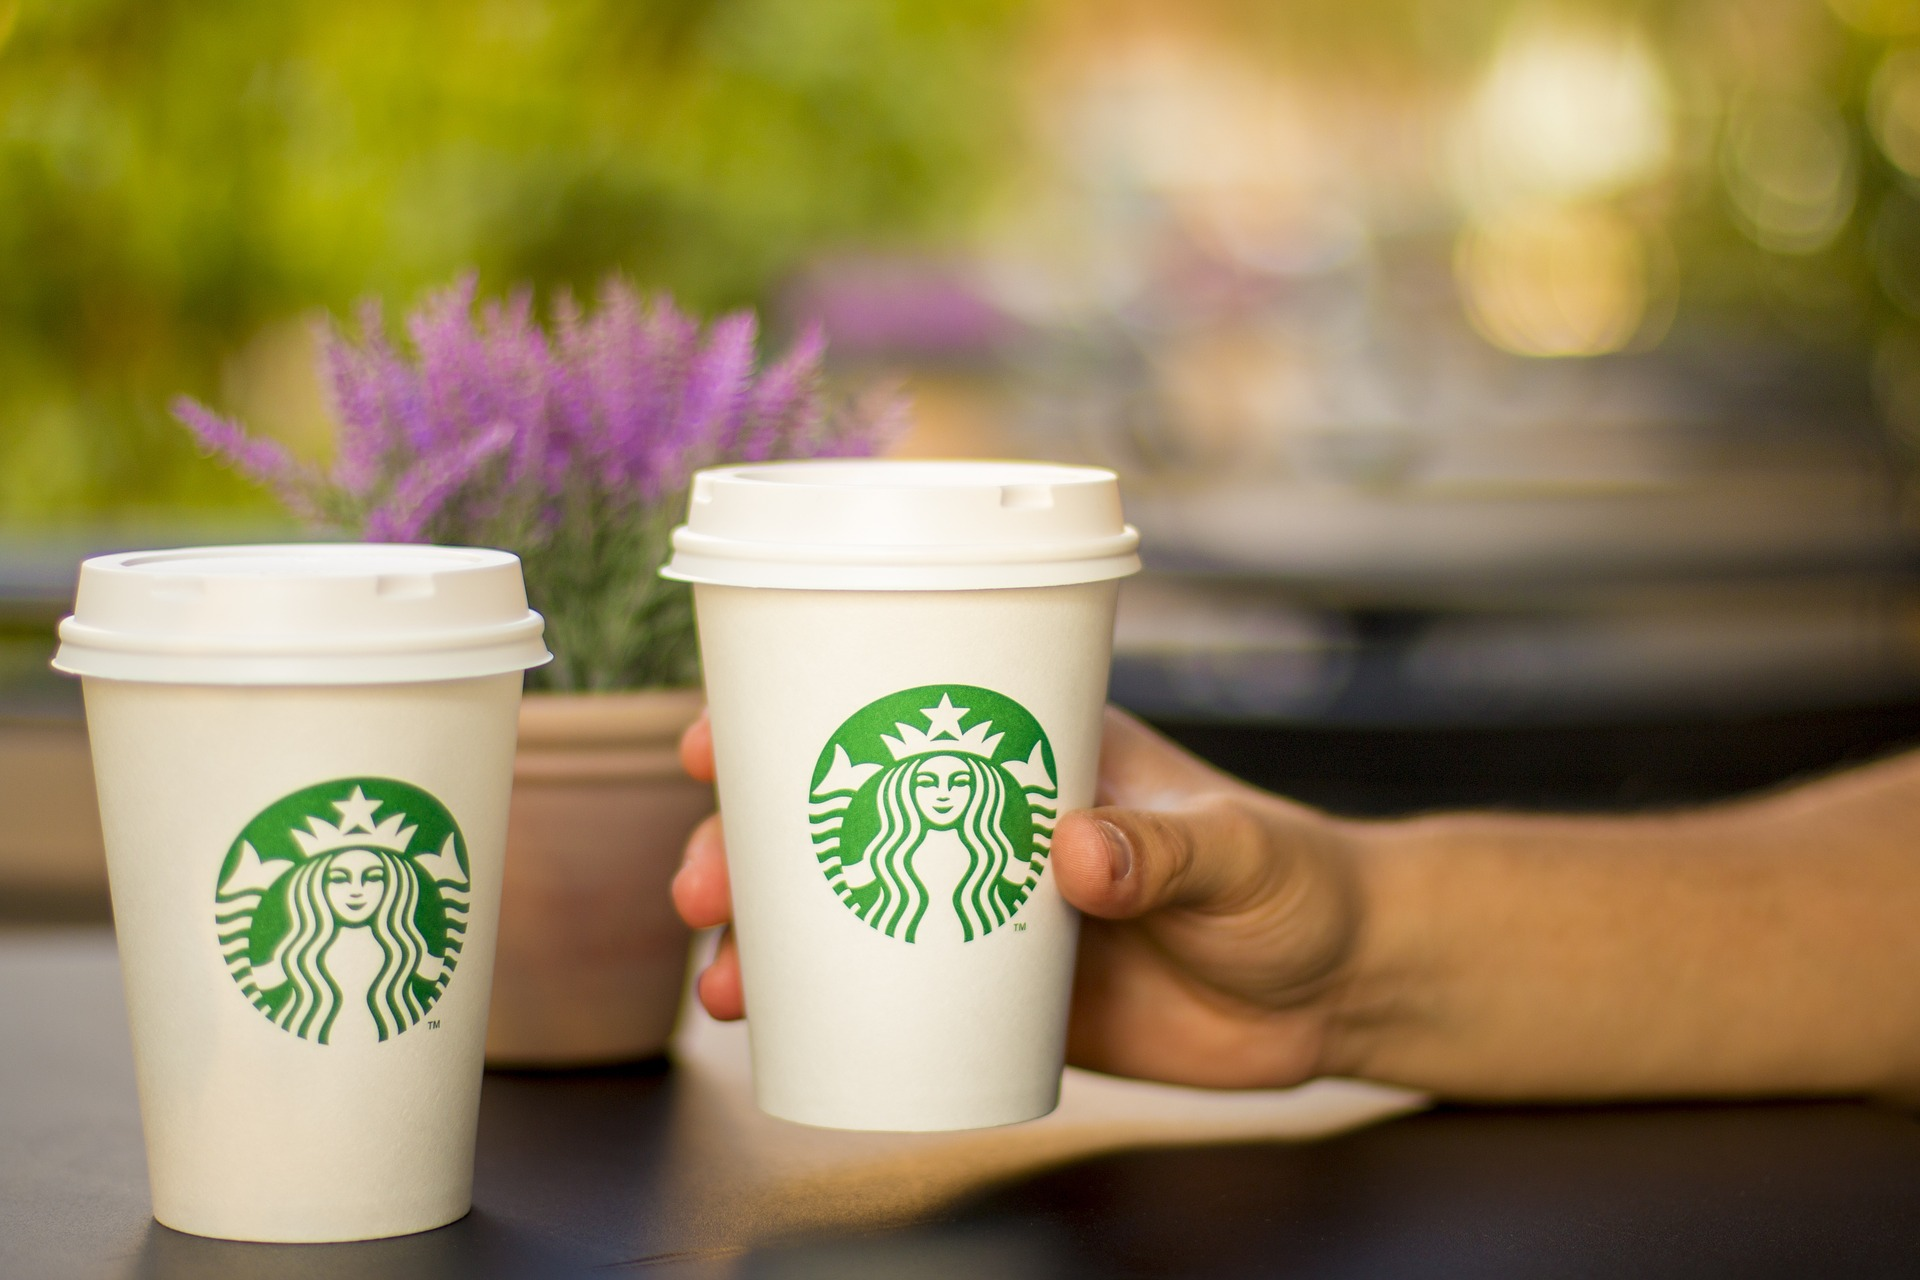 Starbucks busca crear un vaso de café 100% reciclable